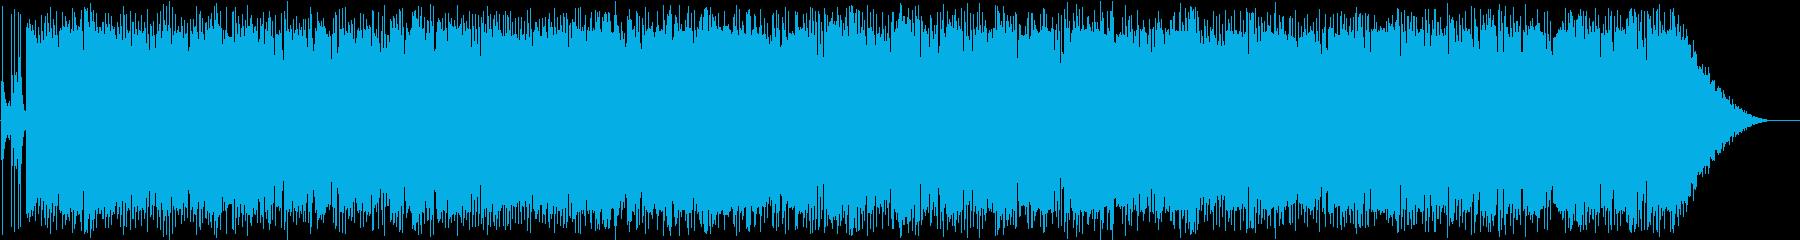 ちょっとハードな雰囲気のロックですの再生済みの波形